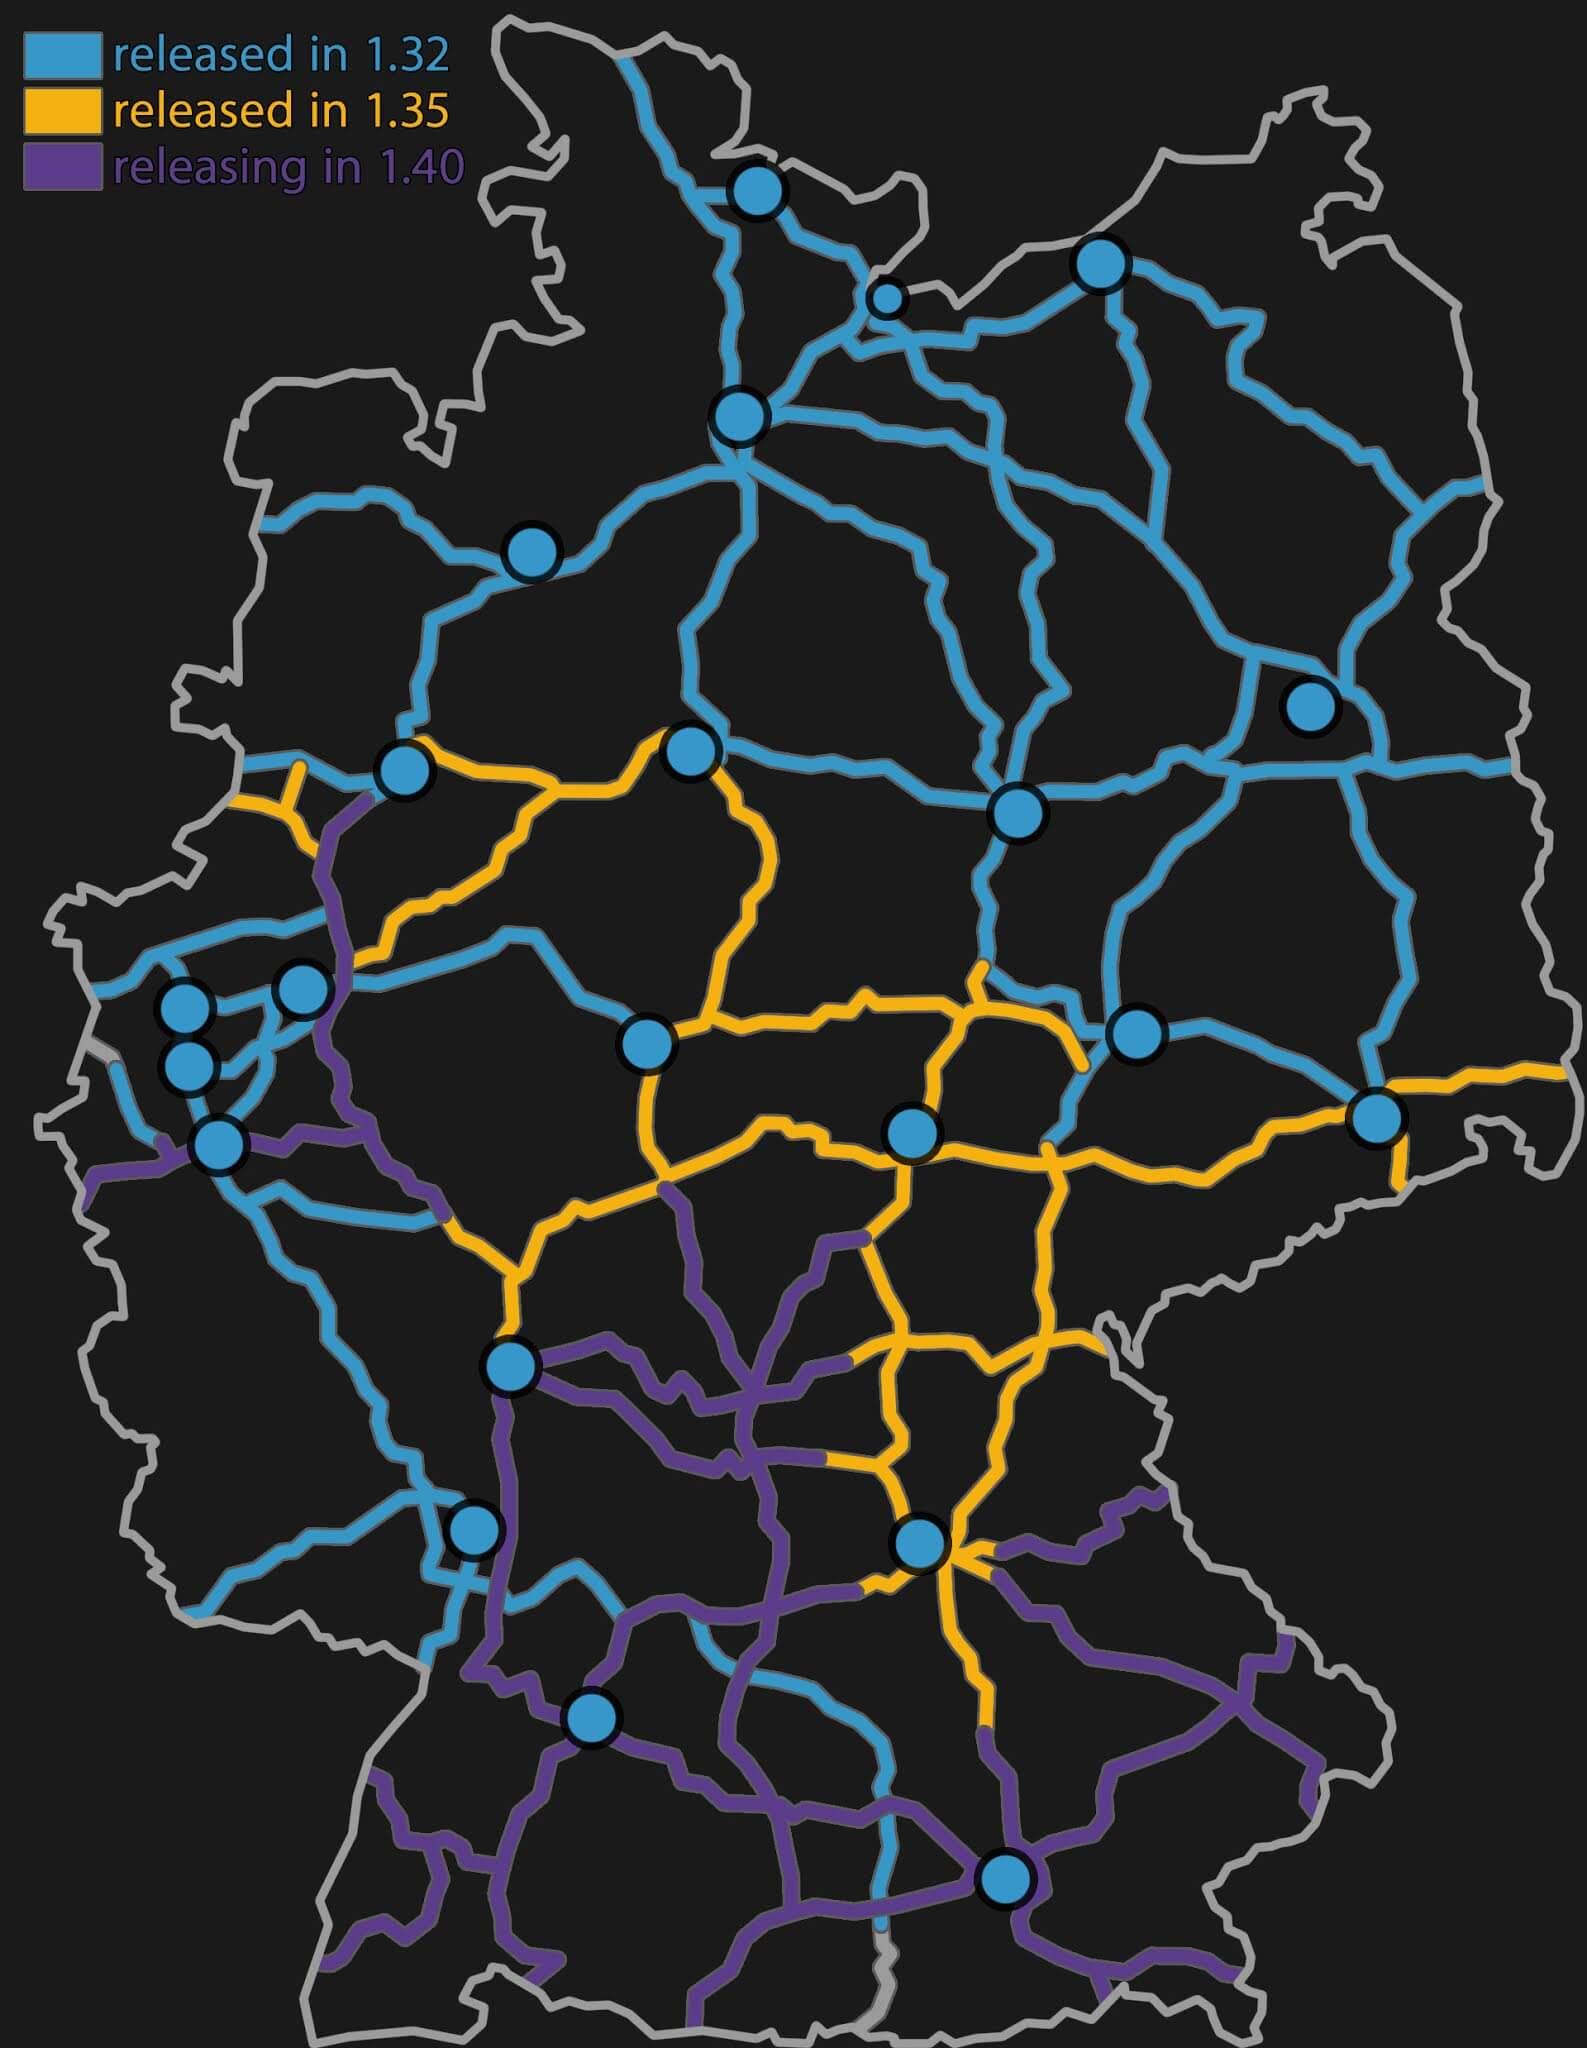 actualización 1.40 de Euro Truck Simulator 2